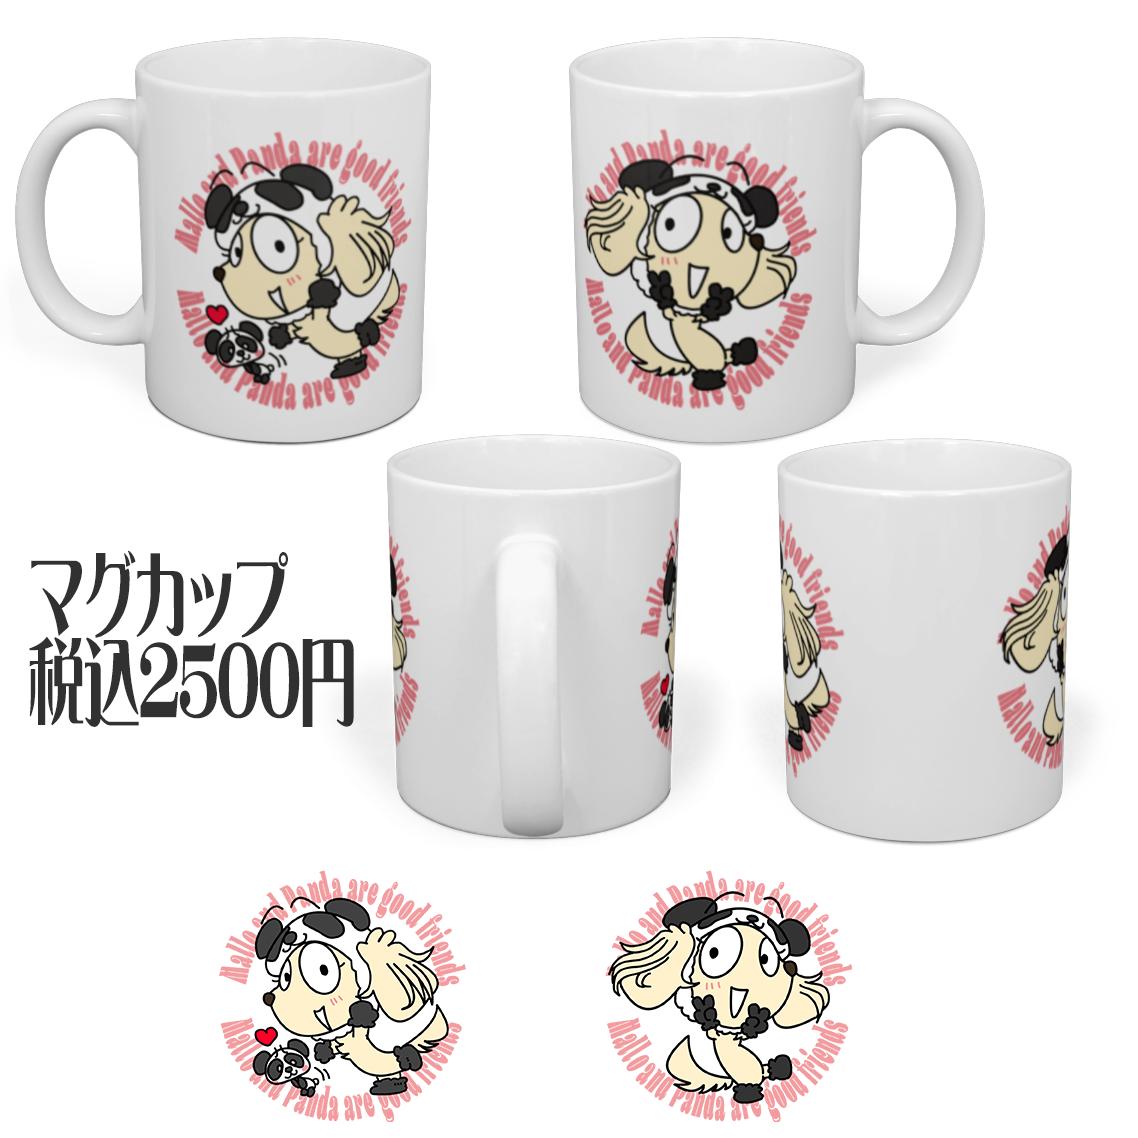 マロパンダマグカップ見本01